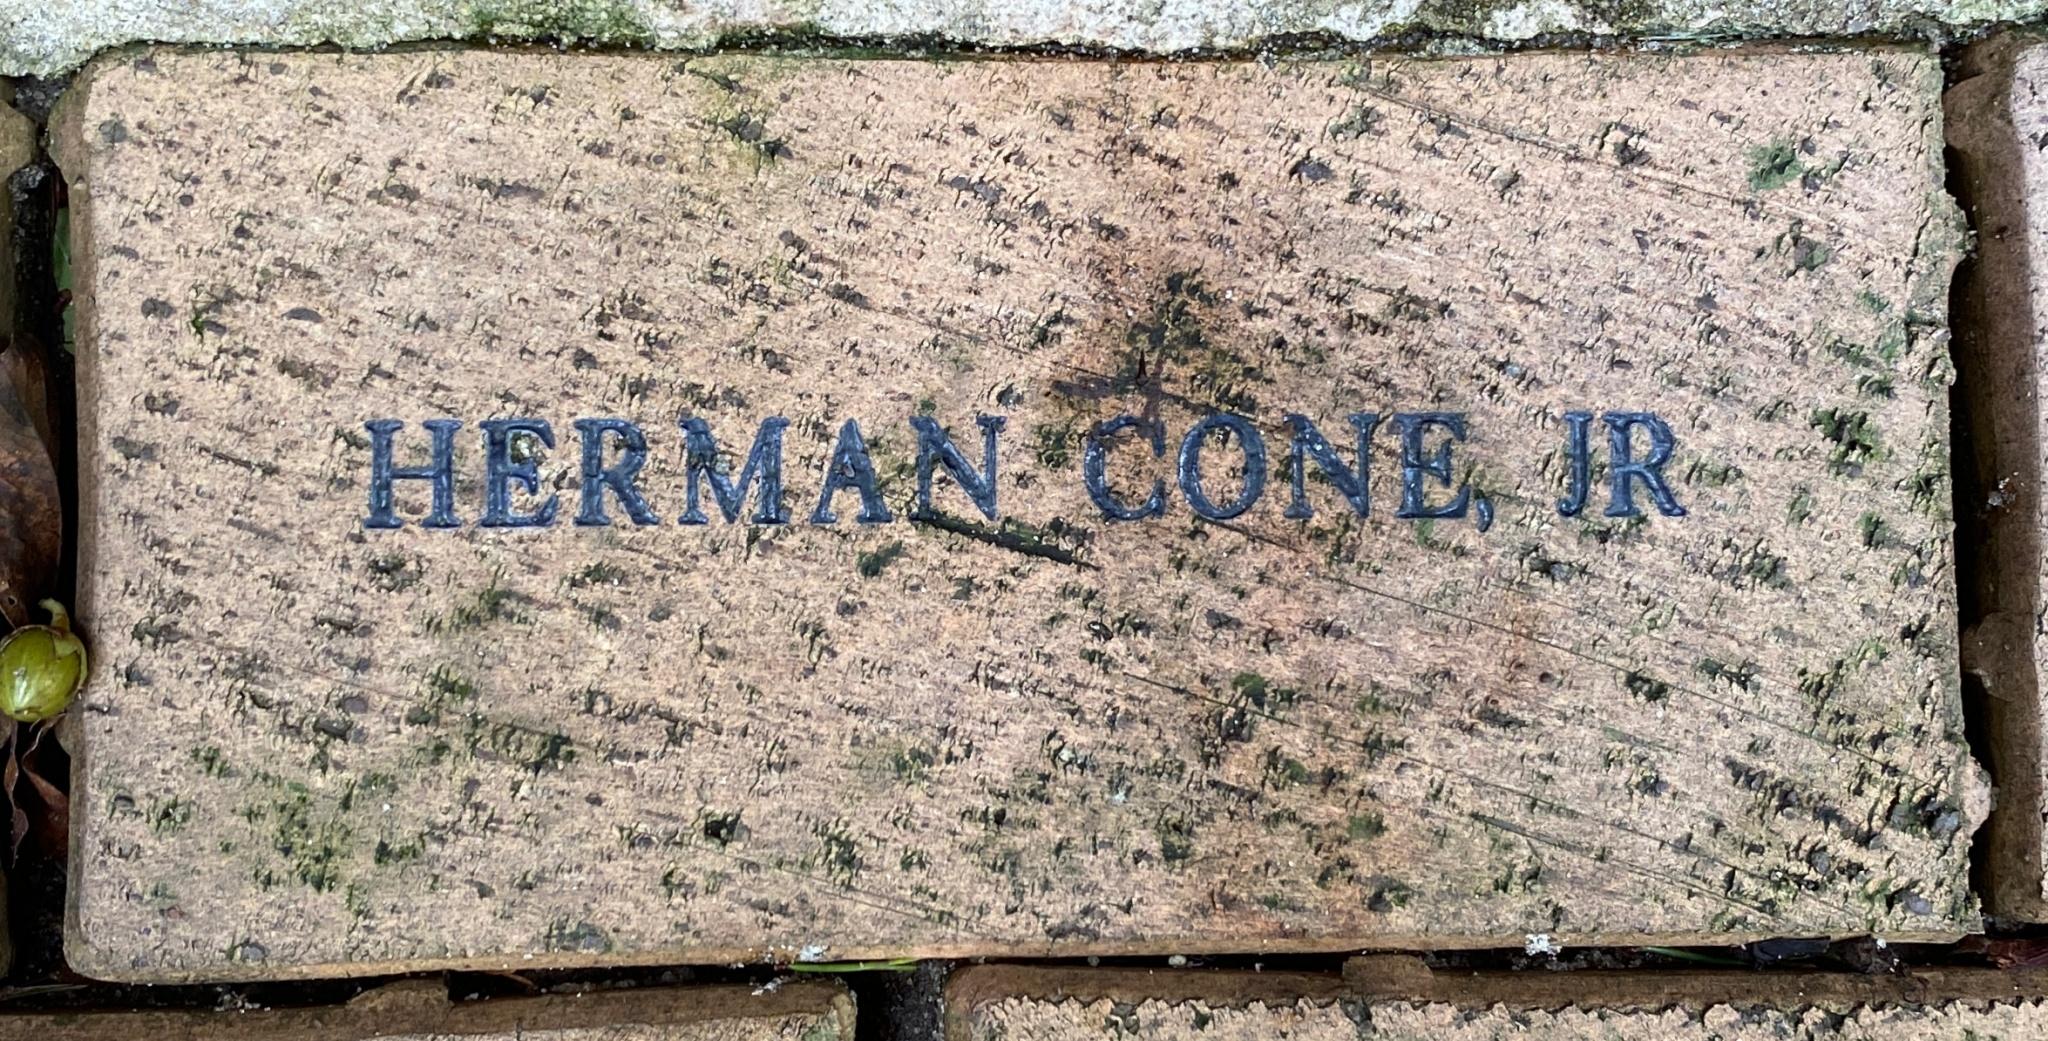 HERMAN CONE, JR